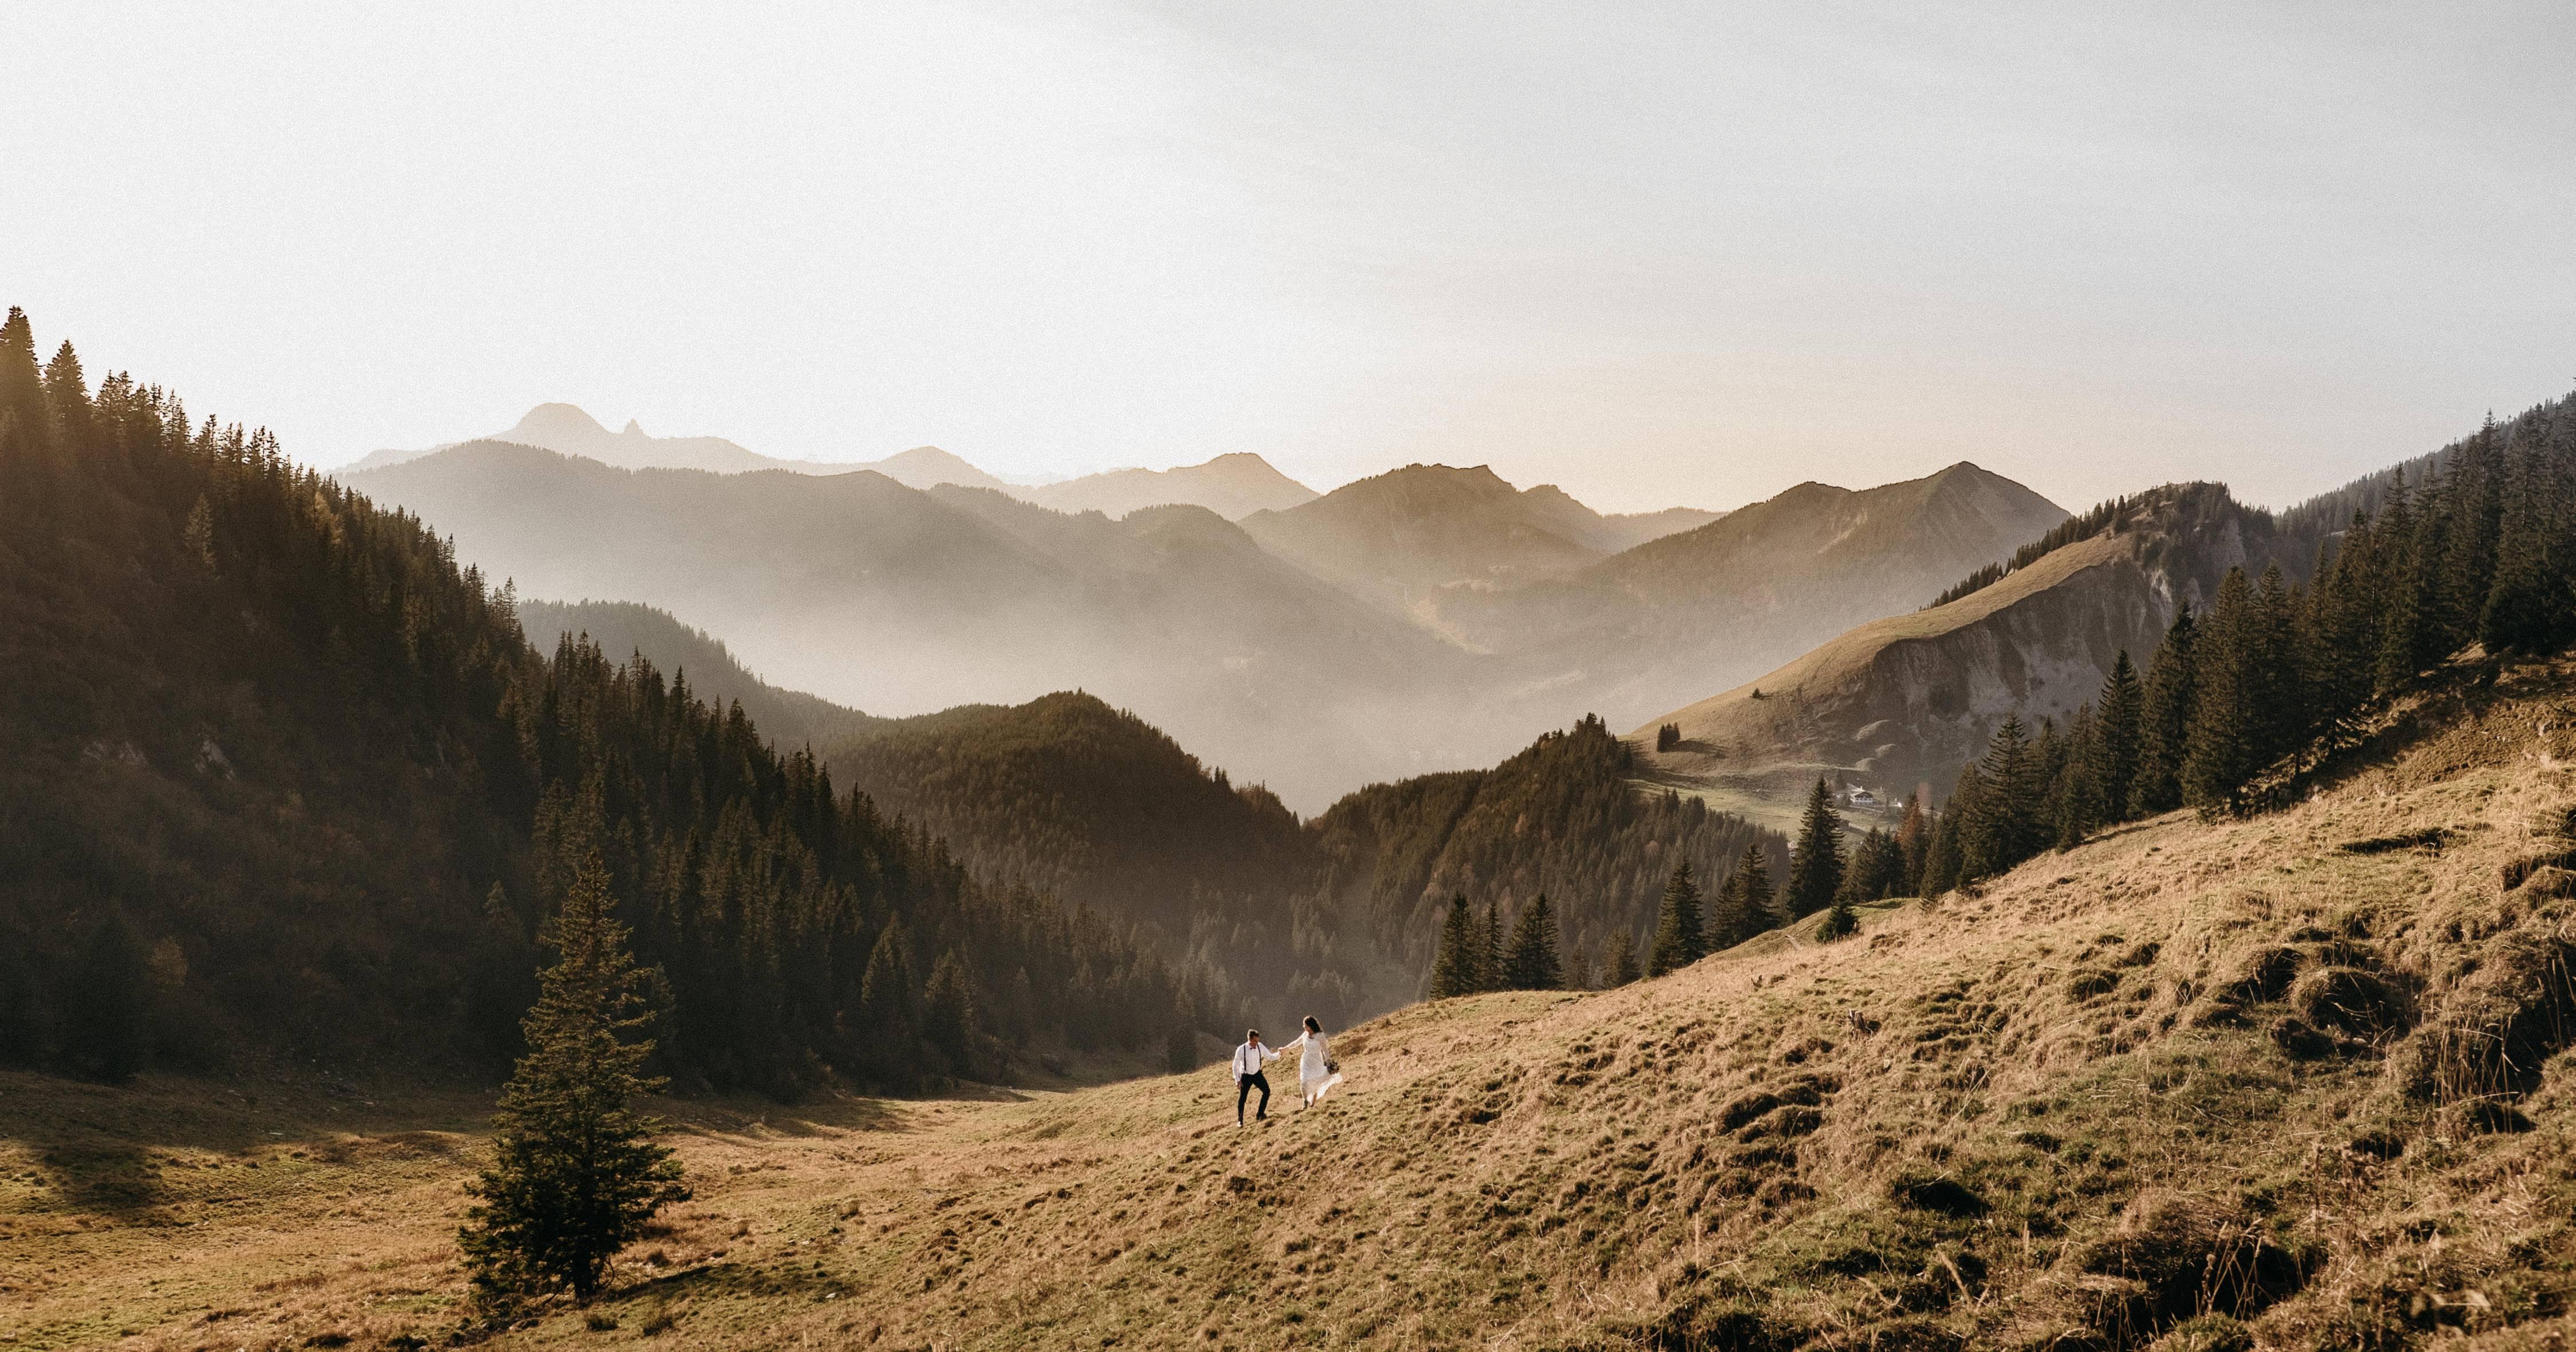 Elopement, Heiraten in den Bergen, zu Zweit